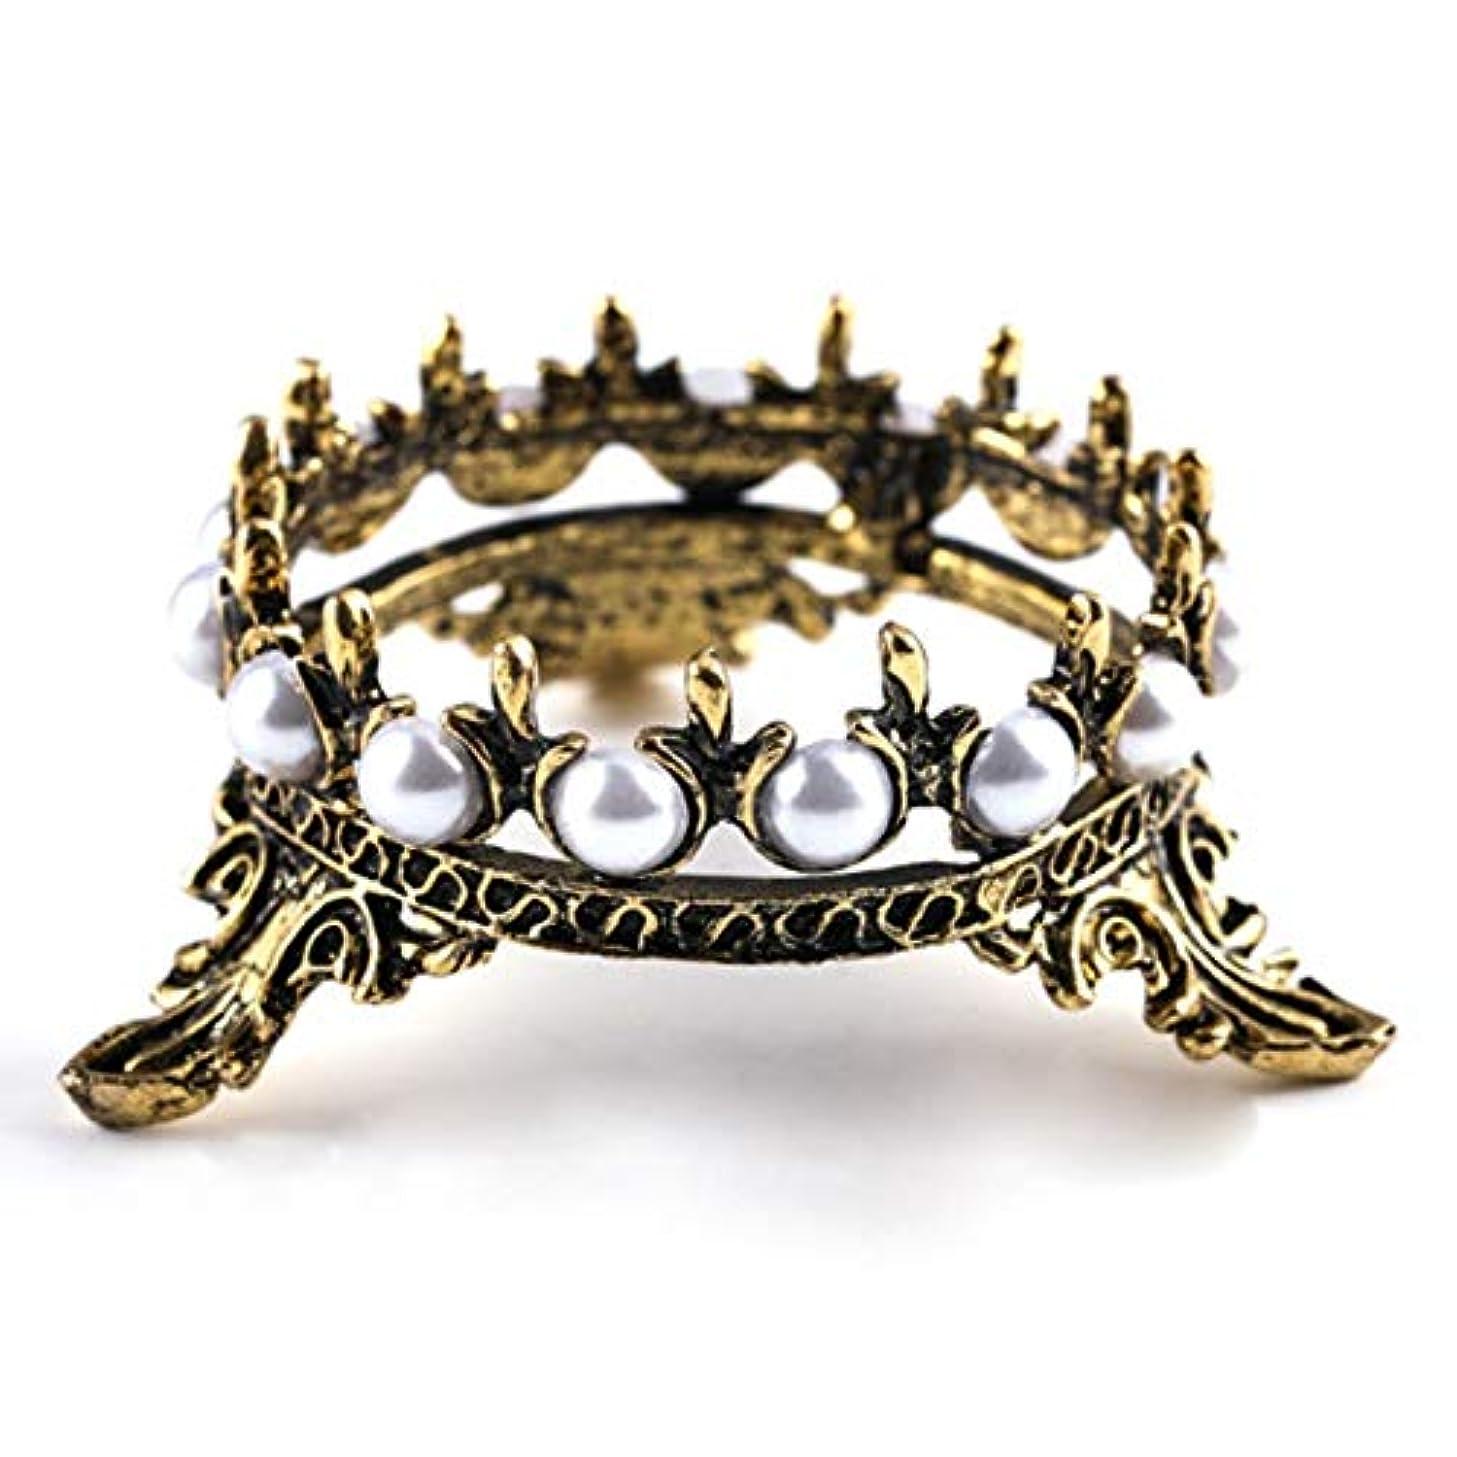 君主変色するインフルエンザWadachikis 珍しい1 xクラウンスタンドペンブラシホルダーパールネイルアートペンラックマニキュアネイルアートツール必需品(None Bronze crown pen holder)